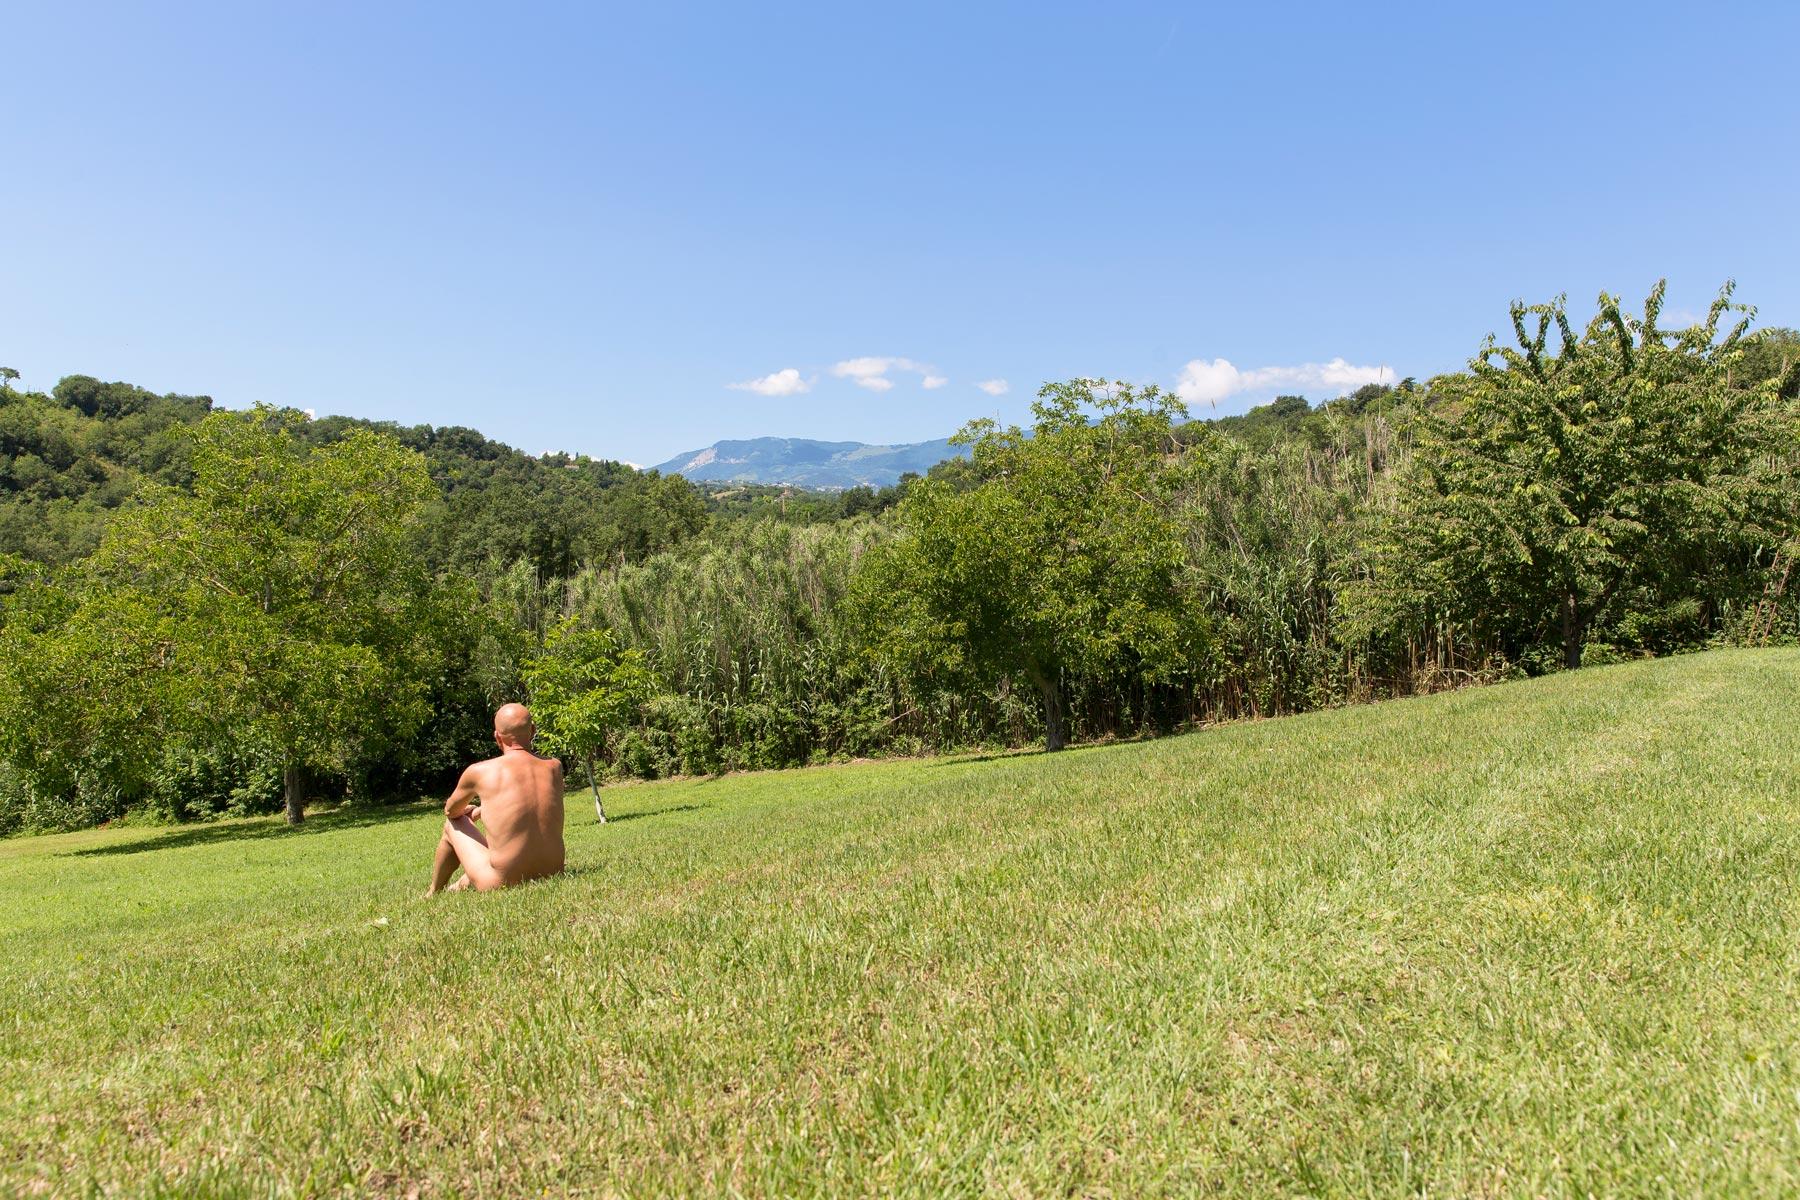 sorgente-naturismo-panorama